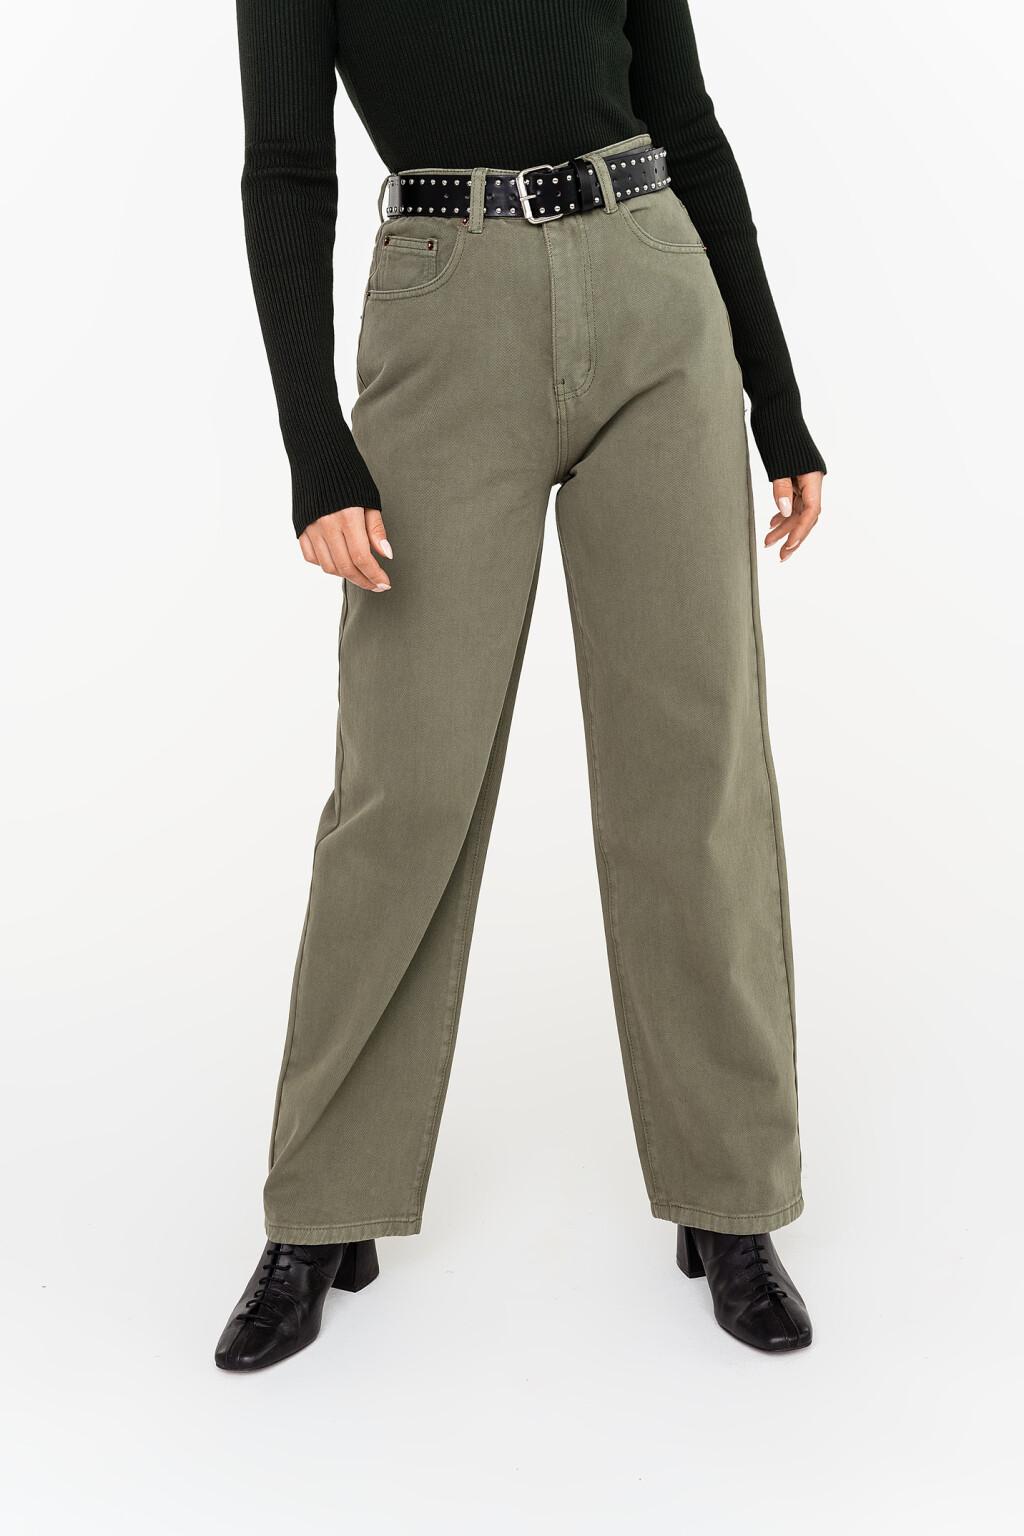 джинсы трубы женские купить в екатеринбурге